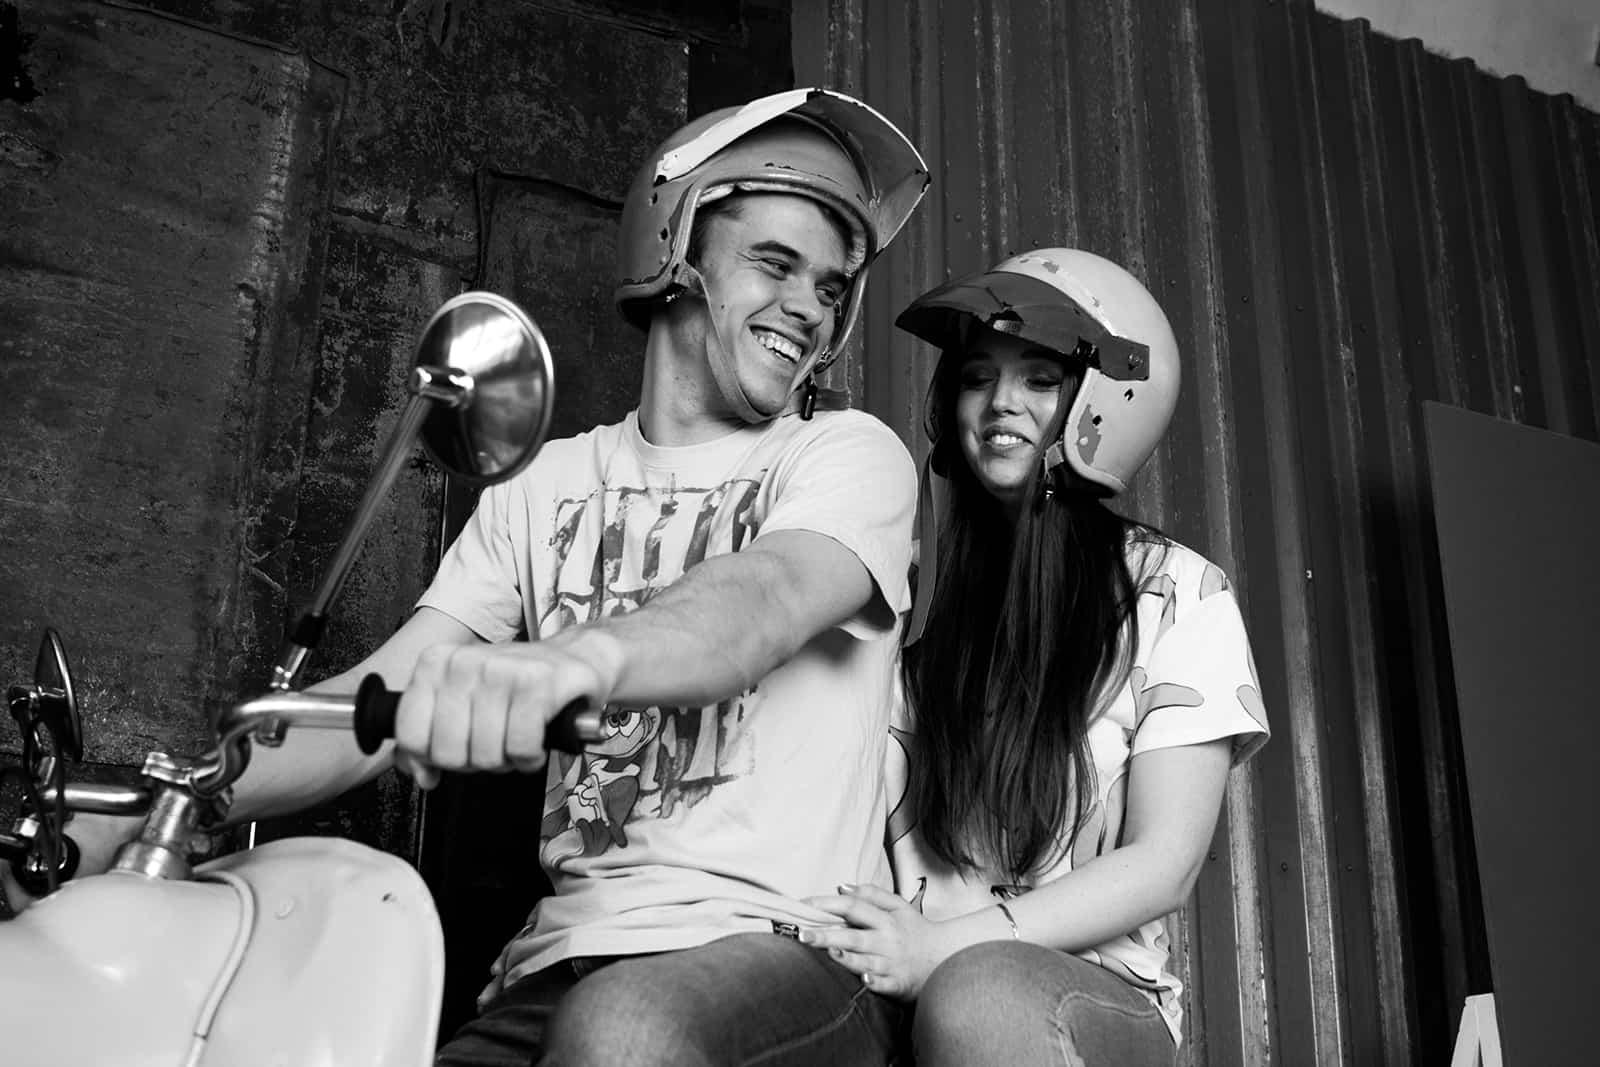 ein lächelndes Paar, das auf dem Motorrad sitzt und zusammen fahren will